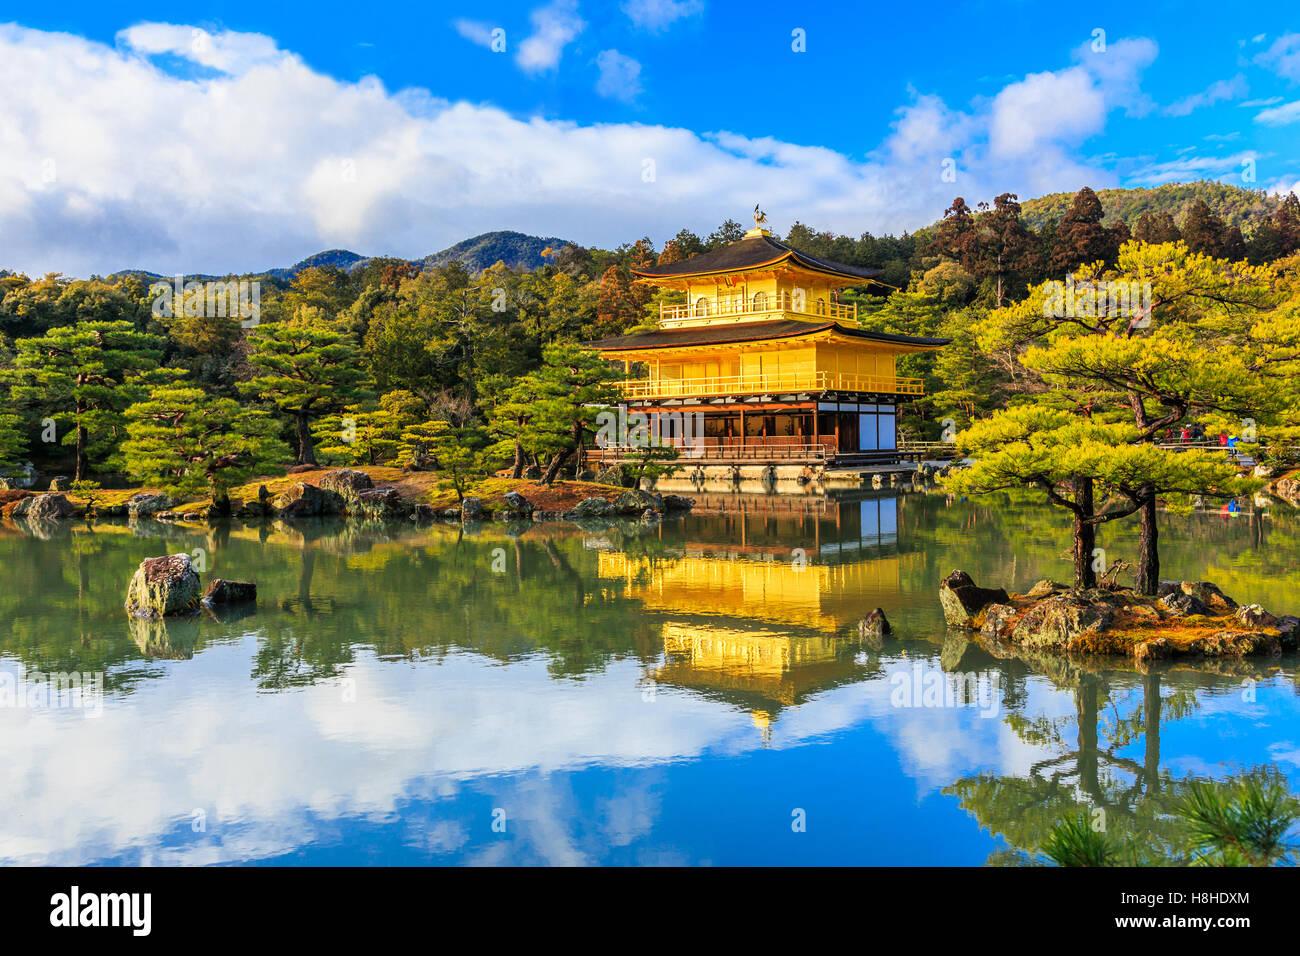 Kyoto, Giappone. Il padiglione dorato a Kinkakuji Tempio. Immagini Stock